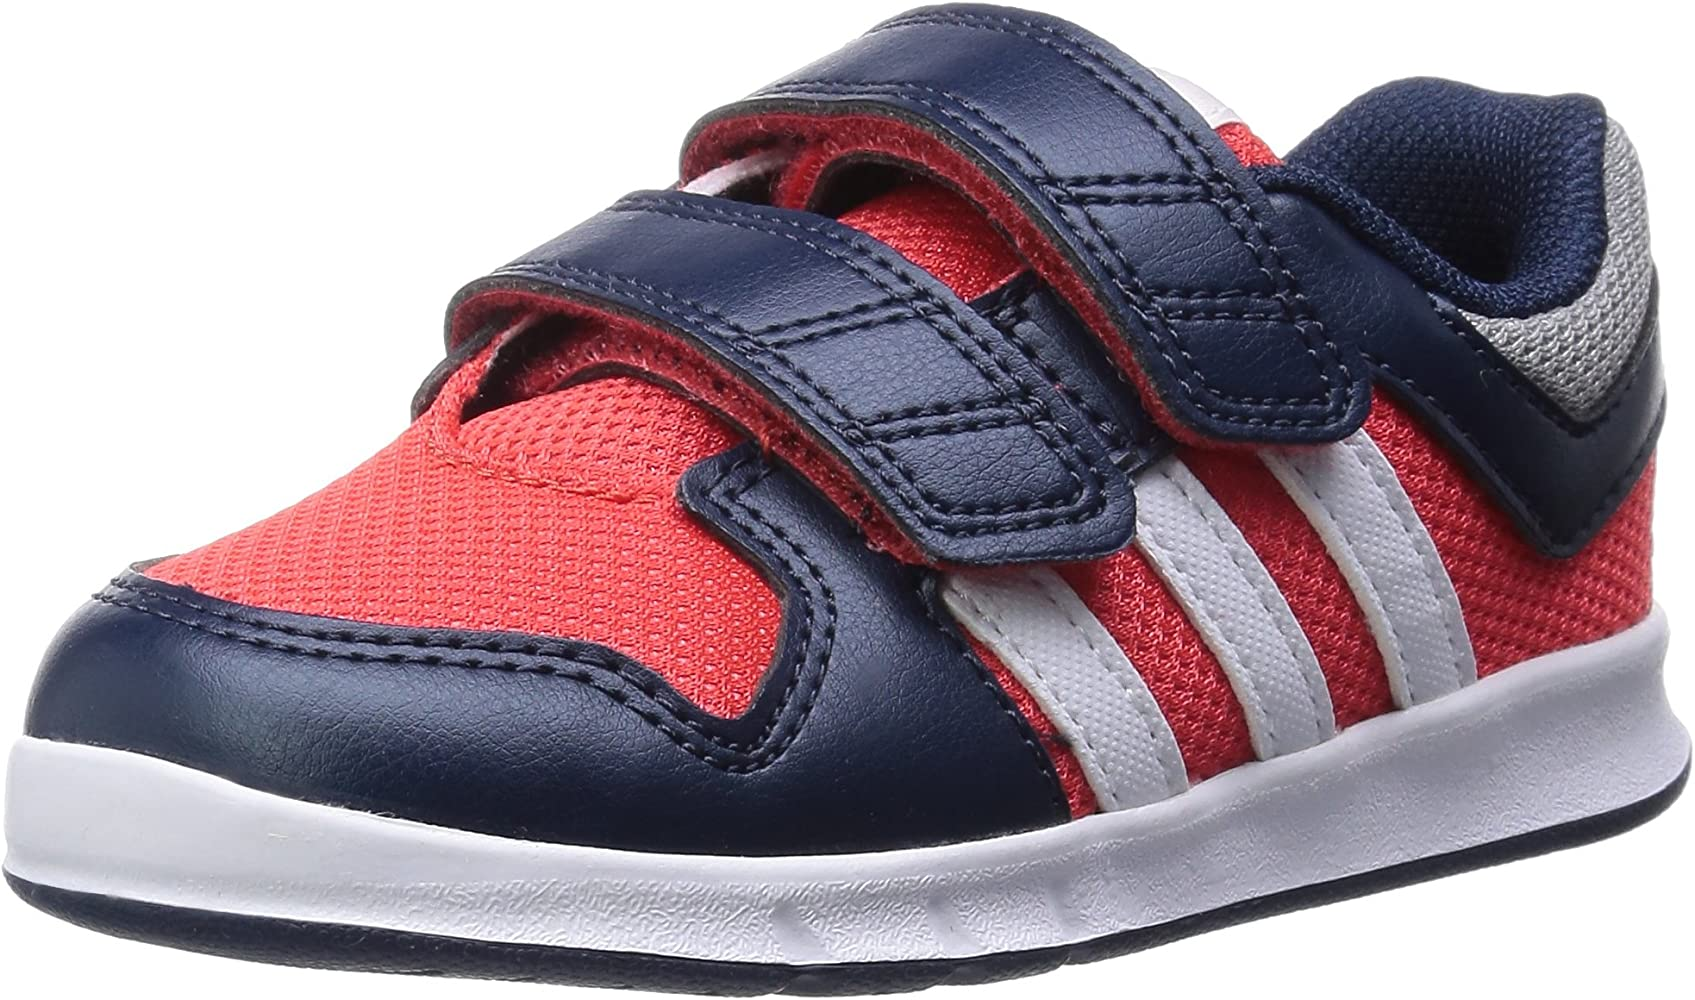 ADIDAS B40558 Red Size 22: Amazon.co.uk